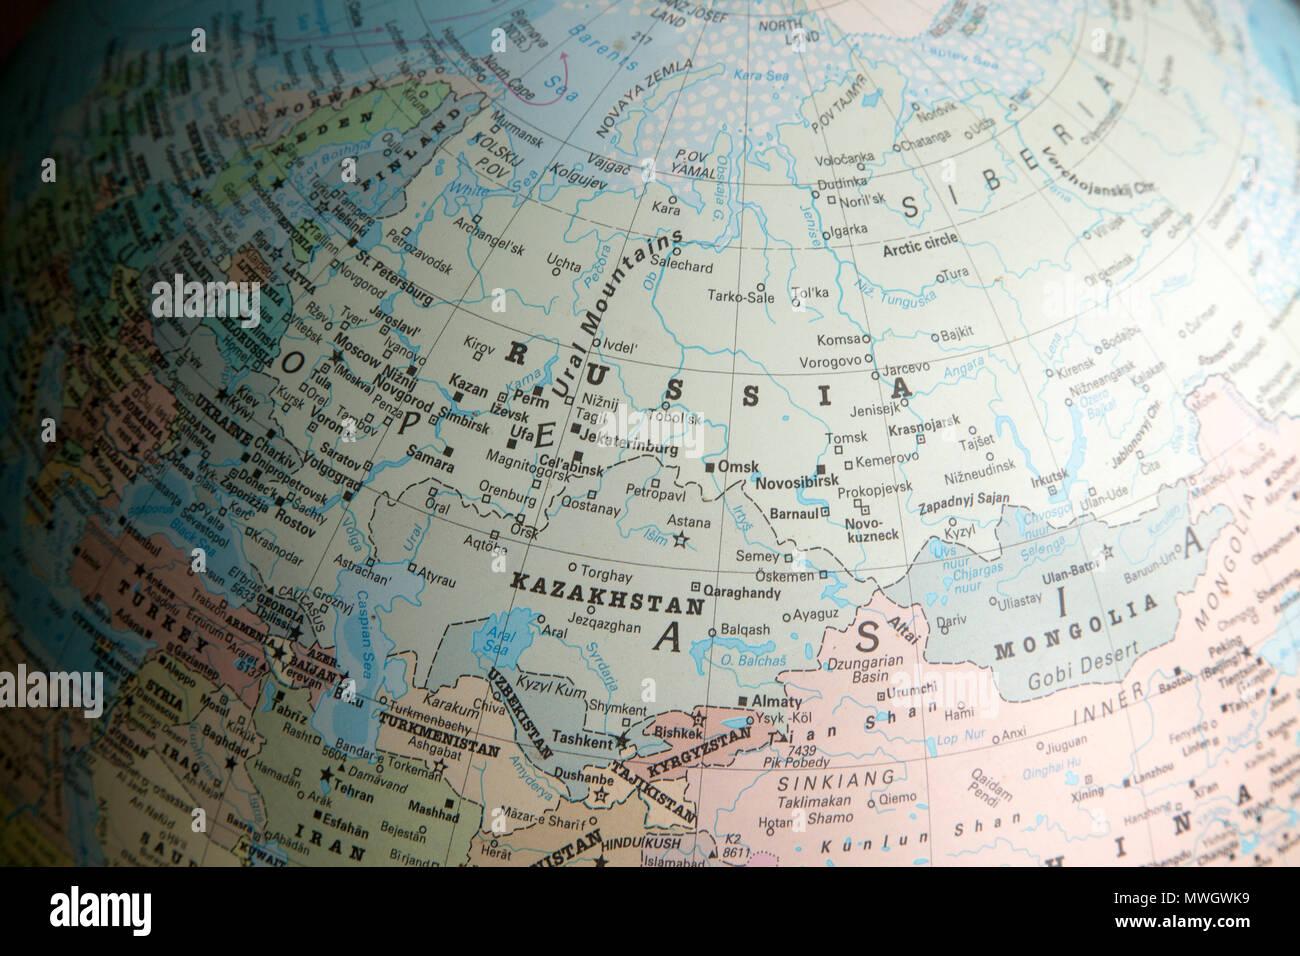 Uralgebirge Karte.Osteuropa Und Asien Karte Auf Einem Globus Auf Russland